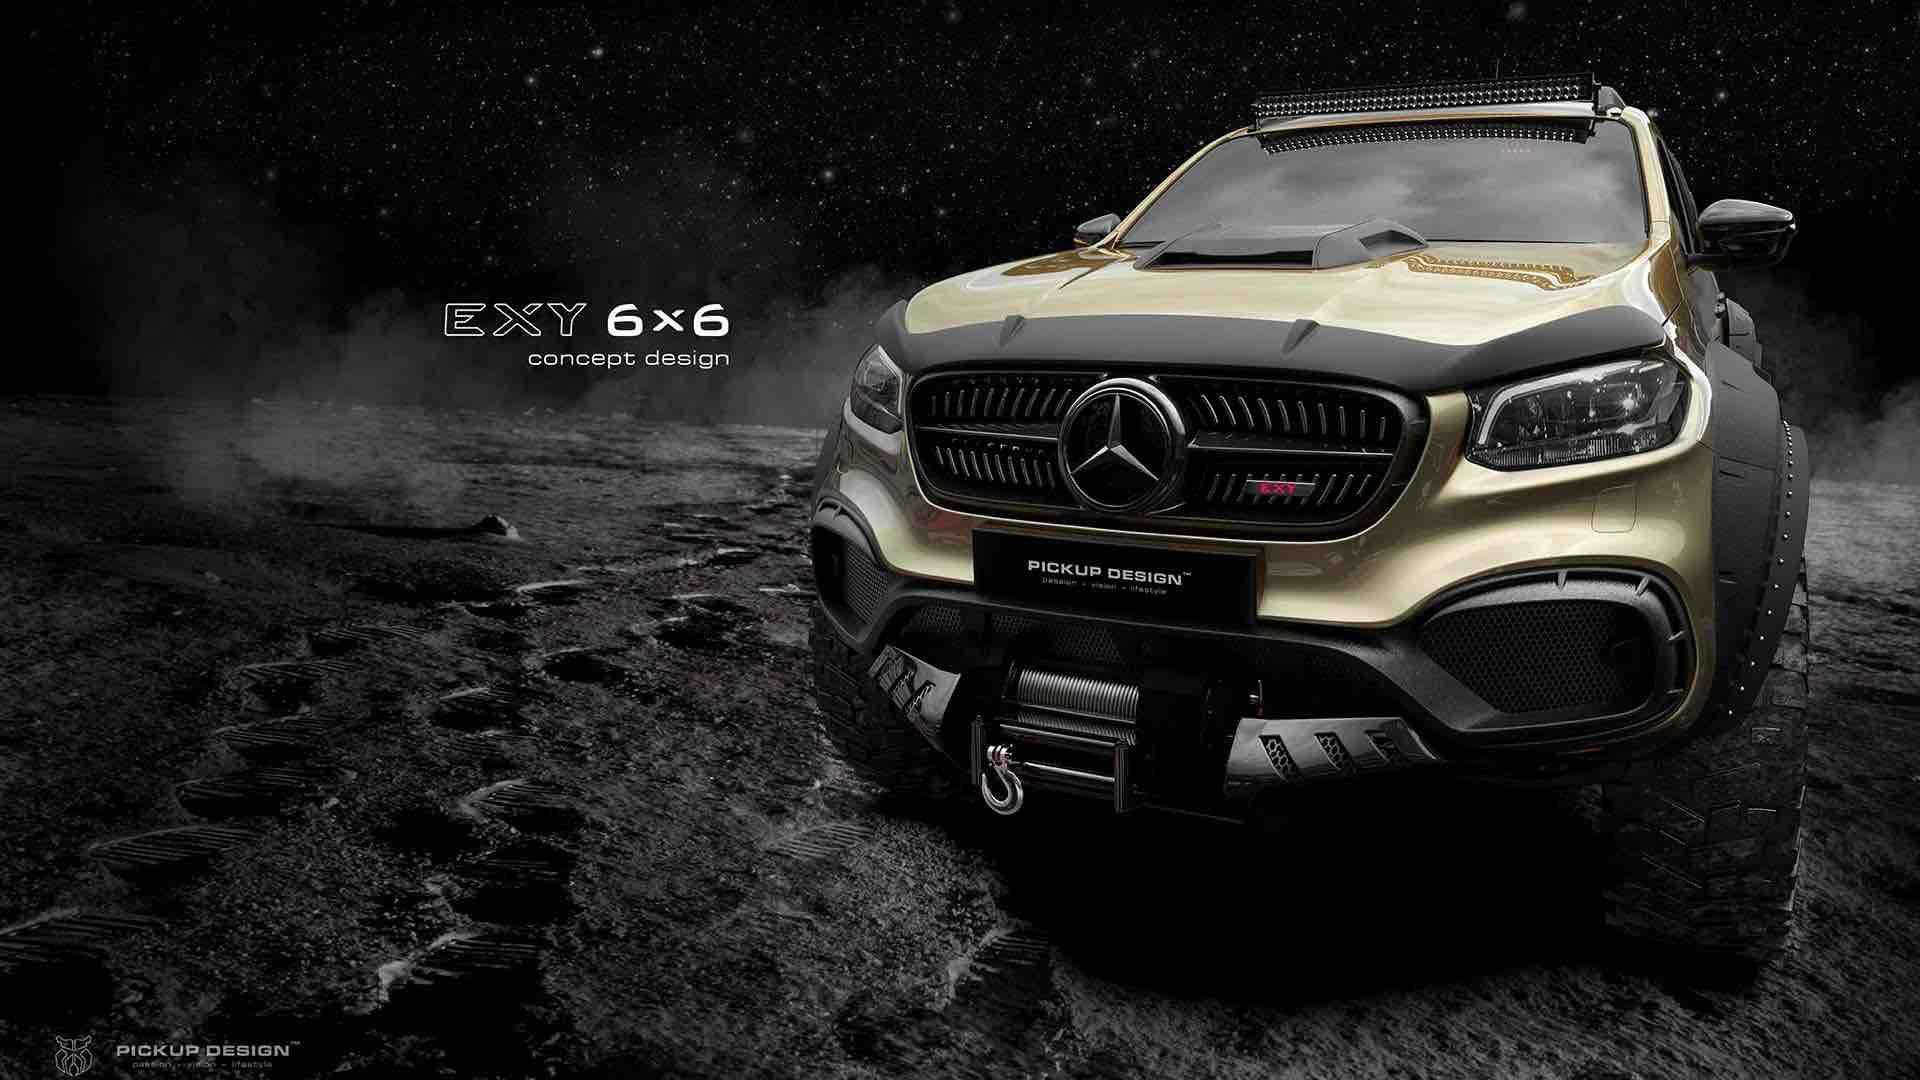 Concepto Mercedes X-Class EXY 6x6 por Carlex Design